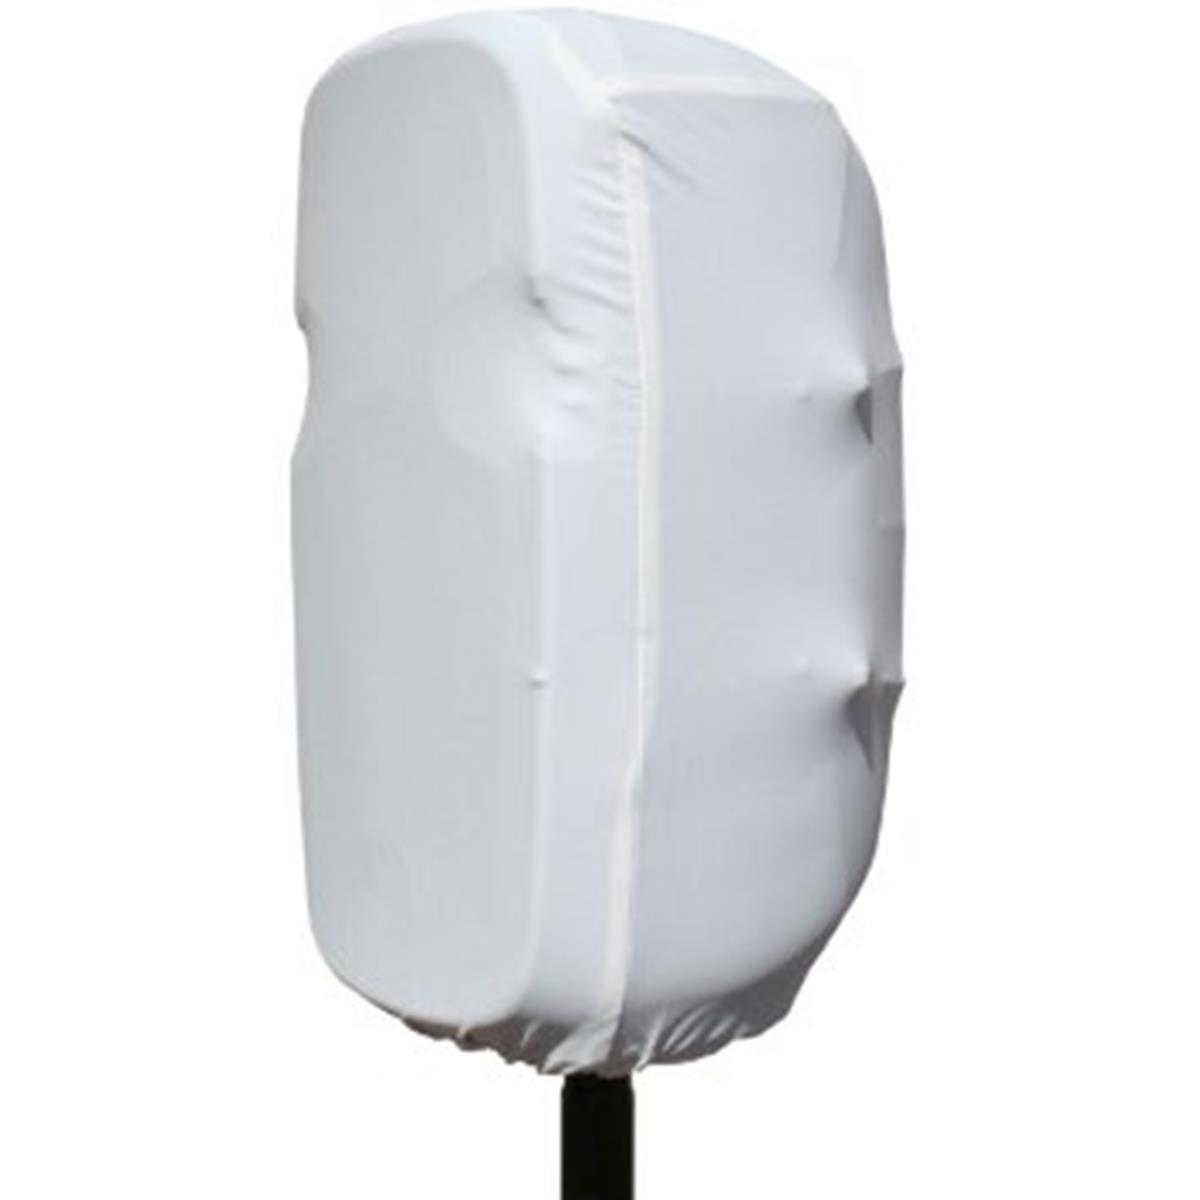 Gator-Cases-GPA-STRETCH-10-W-cover-elastica-per-diffusore-10-12-sku-2759752001009